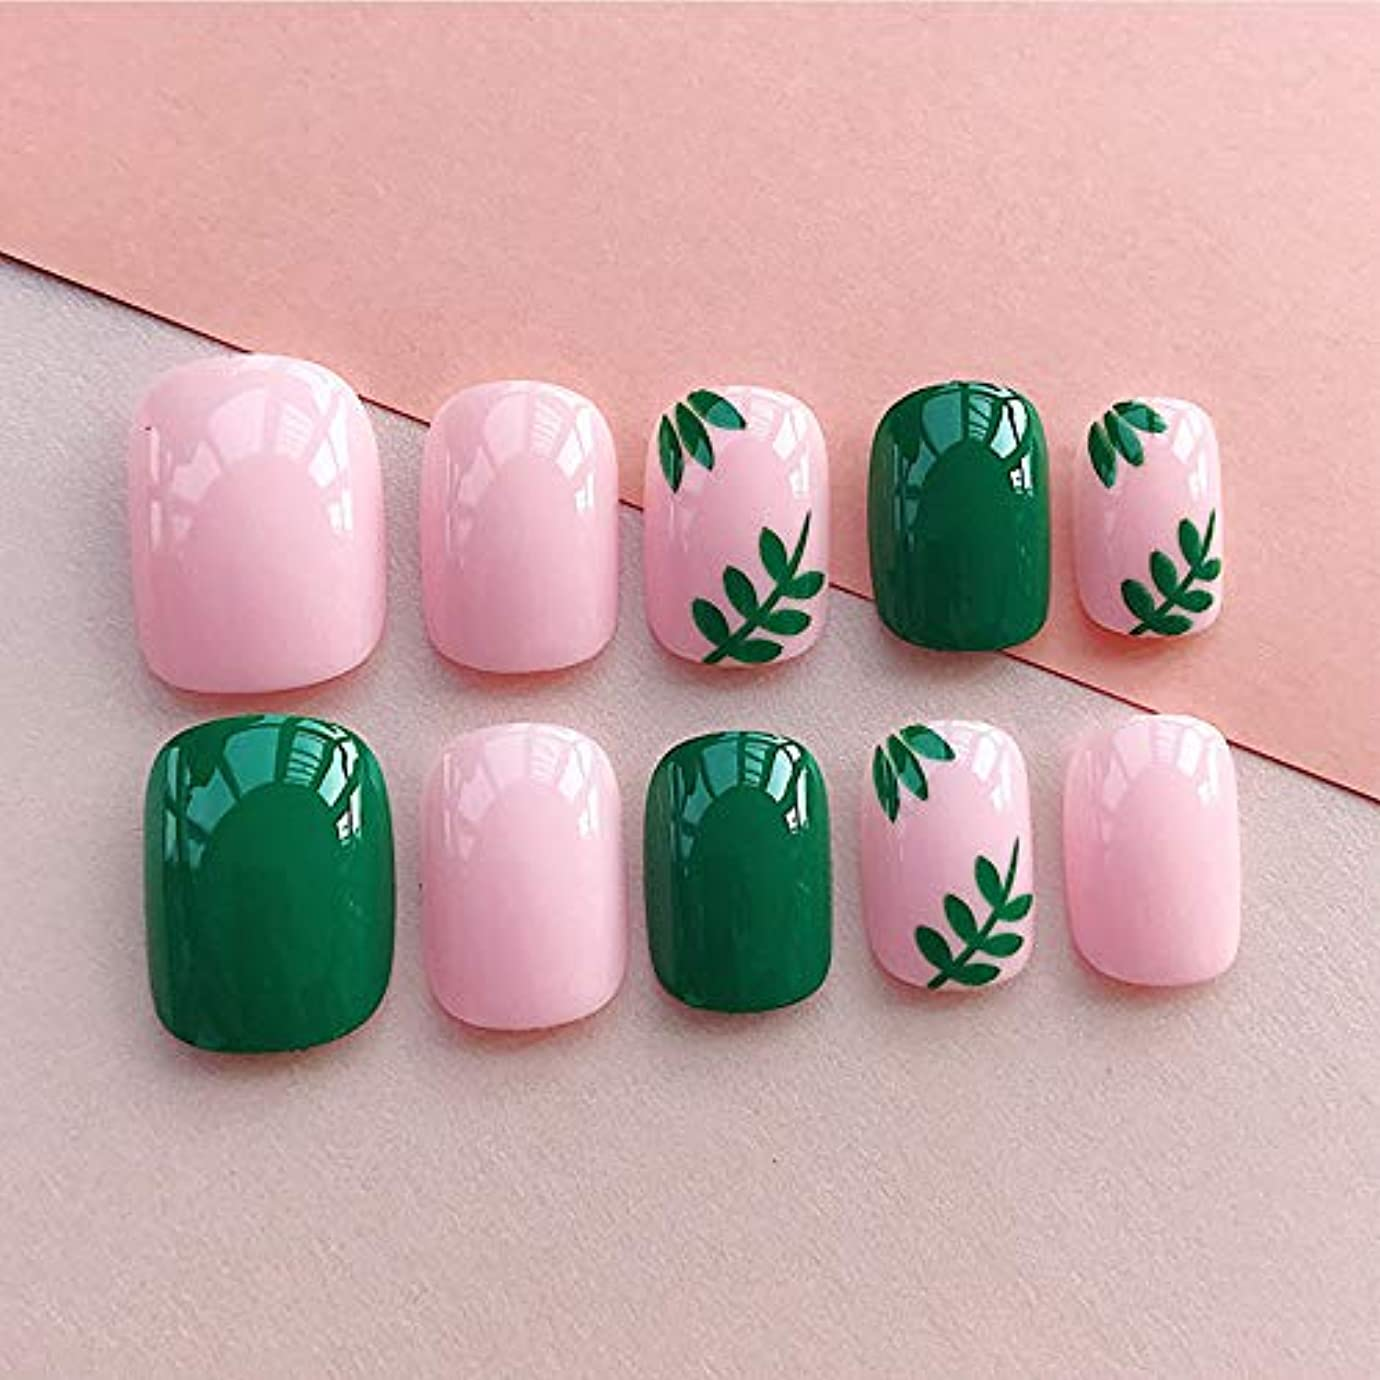 スコア血色の良いスムーズにLIARTY ネイルチップ 夏の ピンク 緑の葉 優雅 短い 四角形 フルカバー 24枚 12別サイズ つ